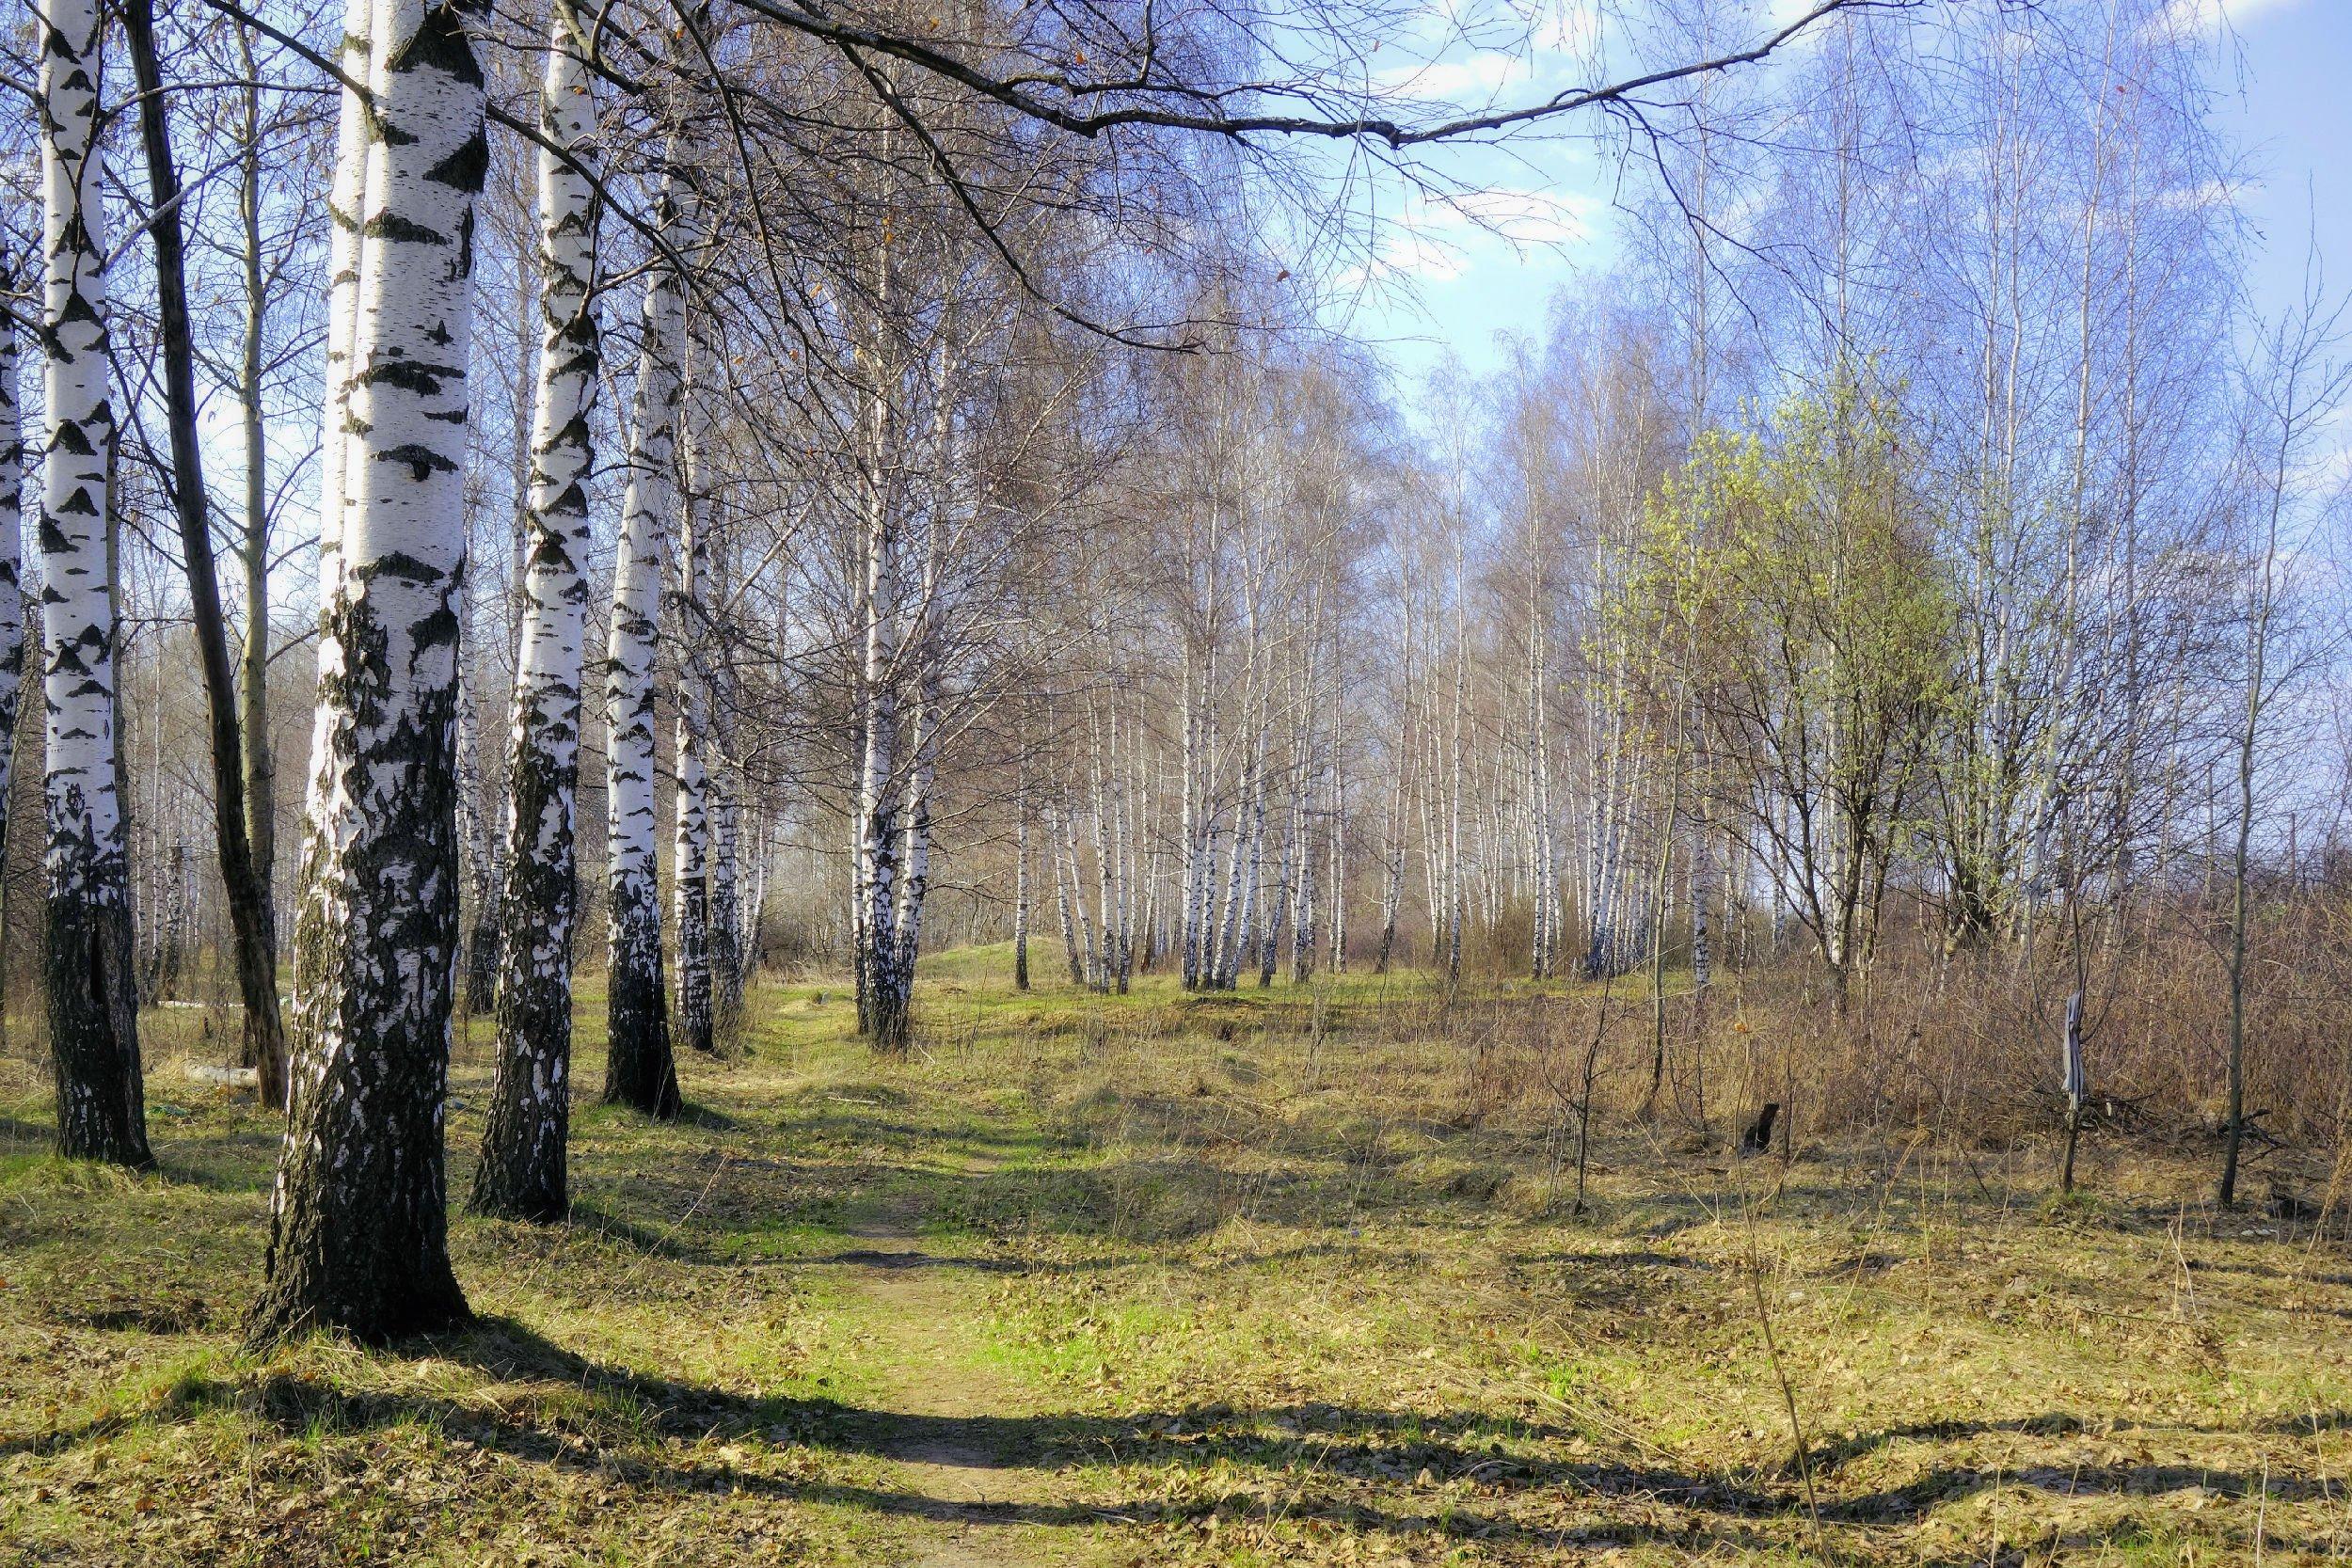 гем фотообои поздняя весна лес использую магические психоэнергетические